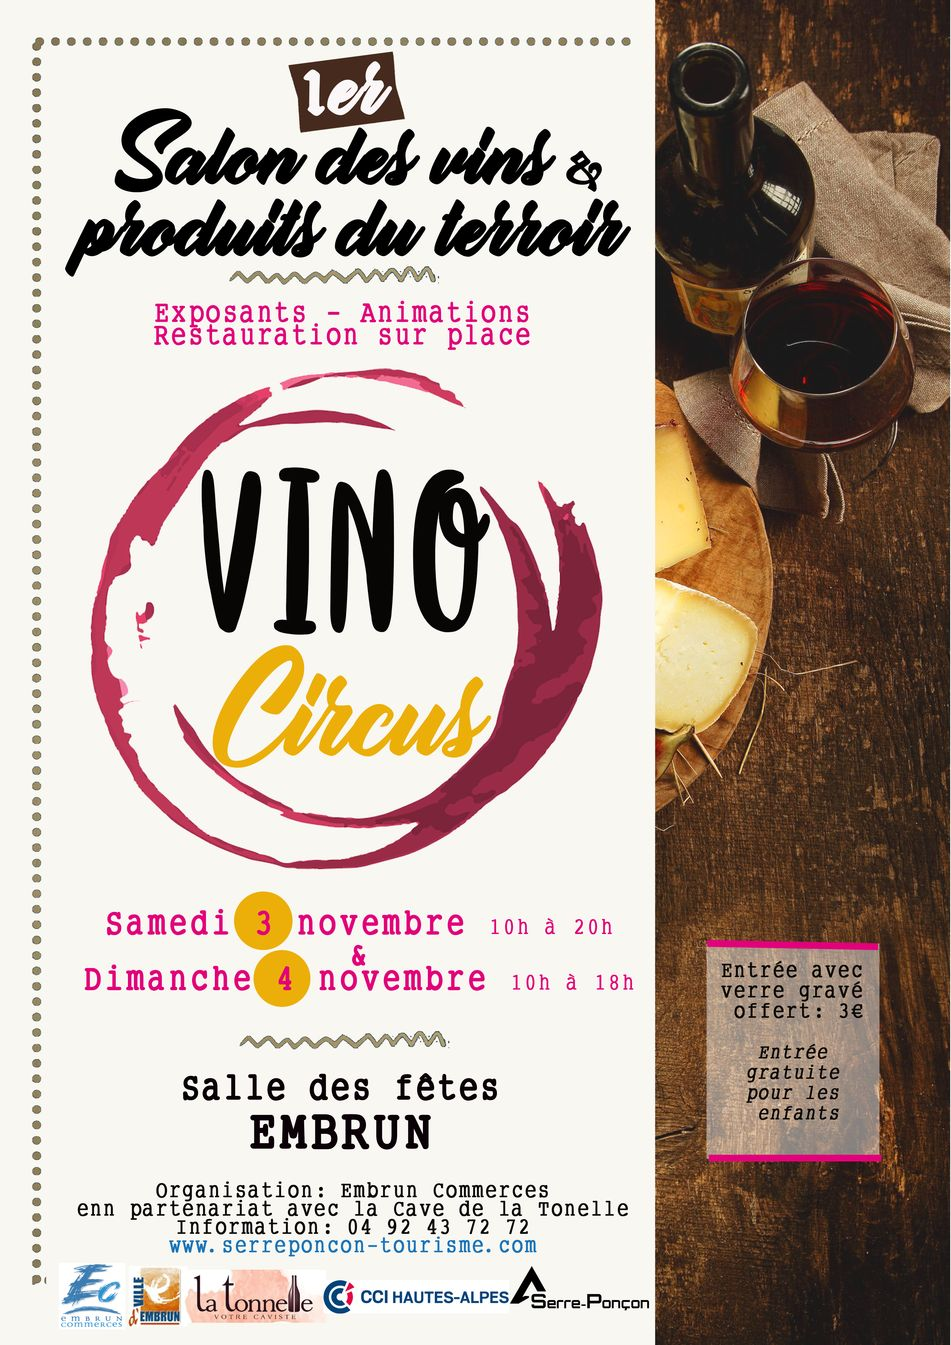 Vino Circus, le premier salon des vins et produits du terroir à Embrun